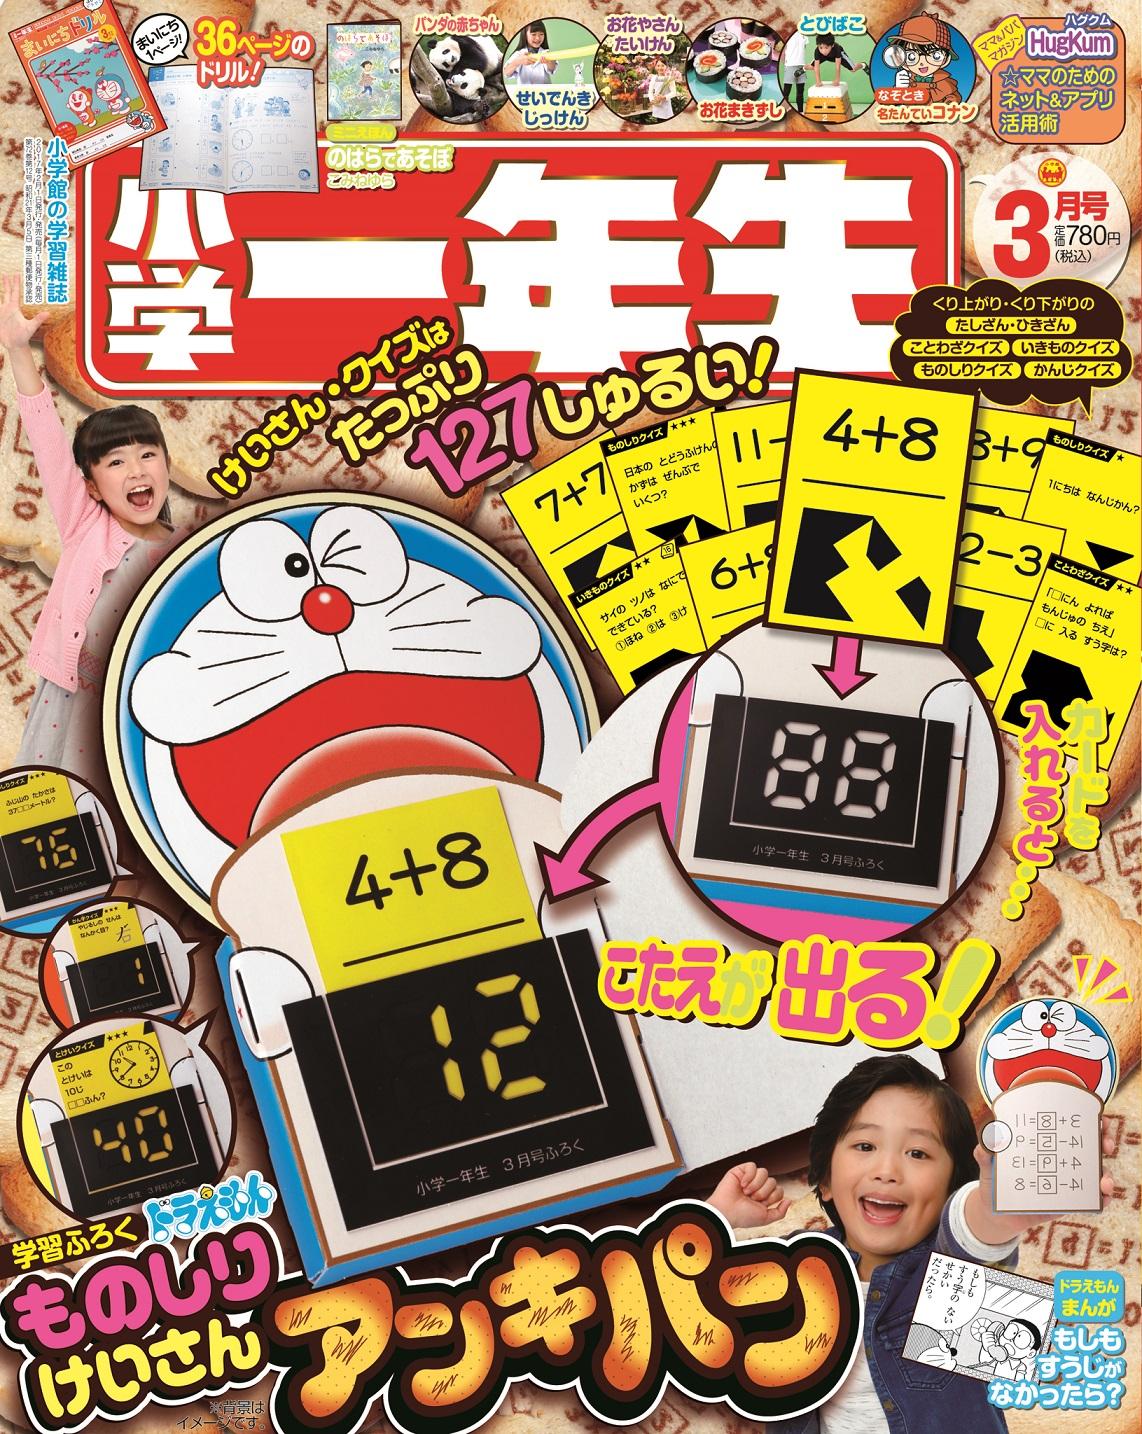 3月号は、付録「ドラえもん ものしり けいさん アンキパン」+春を先取り大特集!